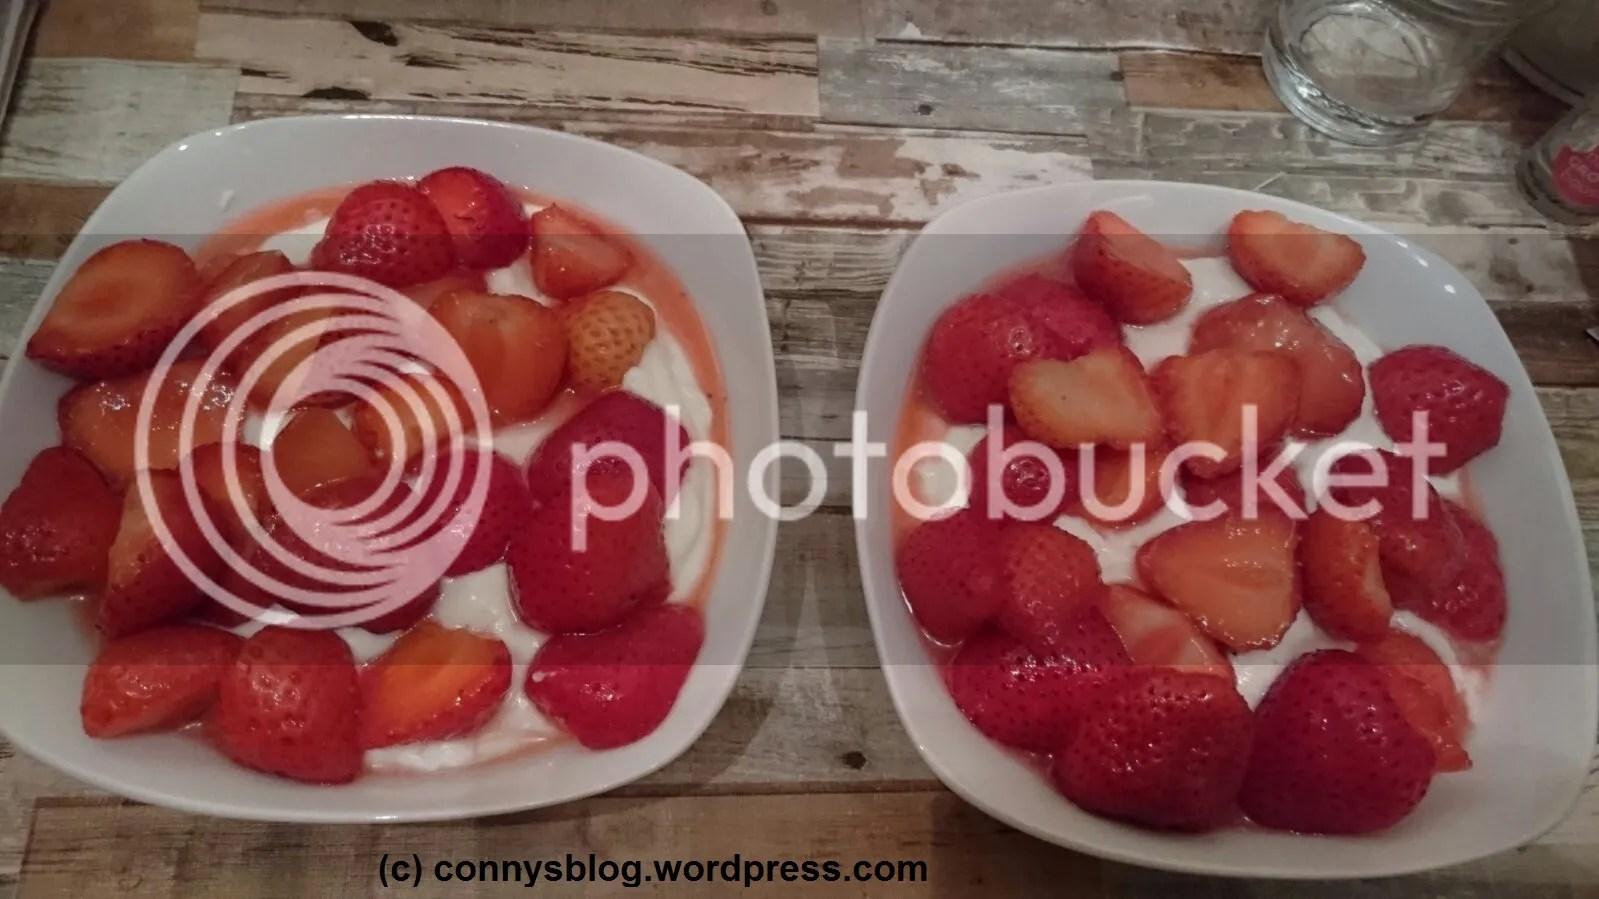 Erdbeeren mit Joghurt - connys low carb photo Erdbeeren mit Joghurt_zpsayqwhw4a.jpeg